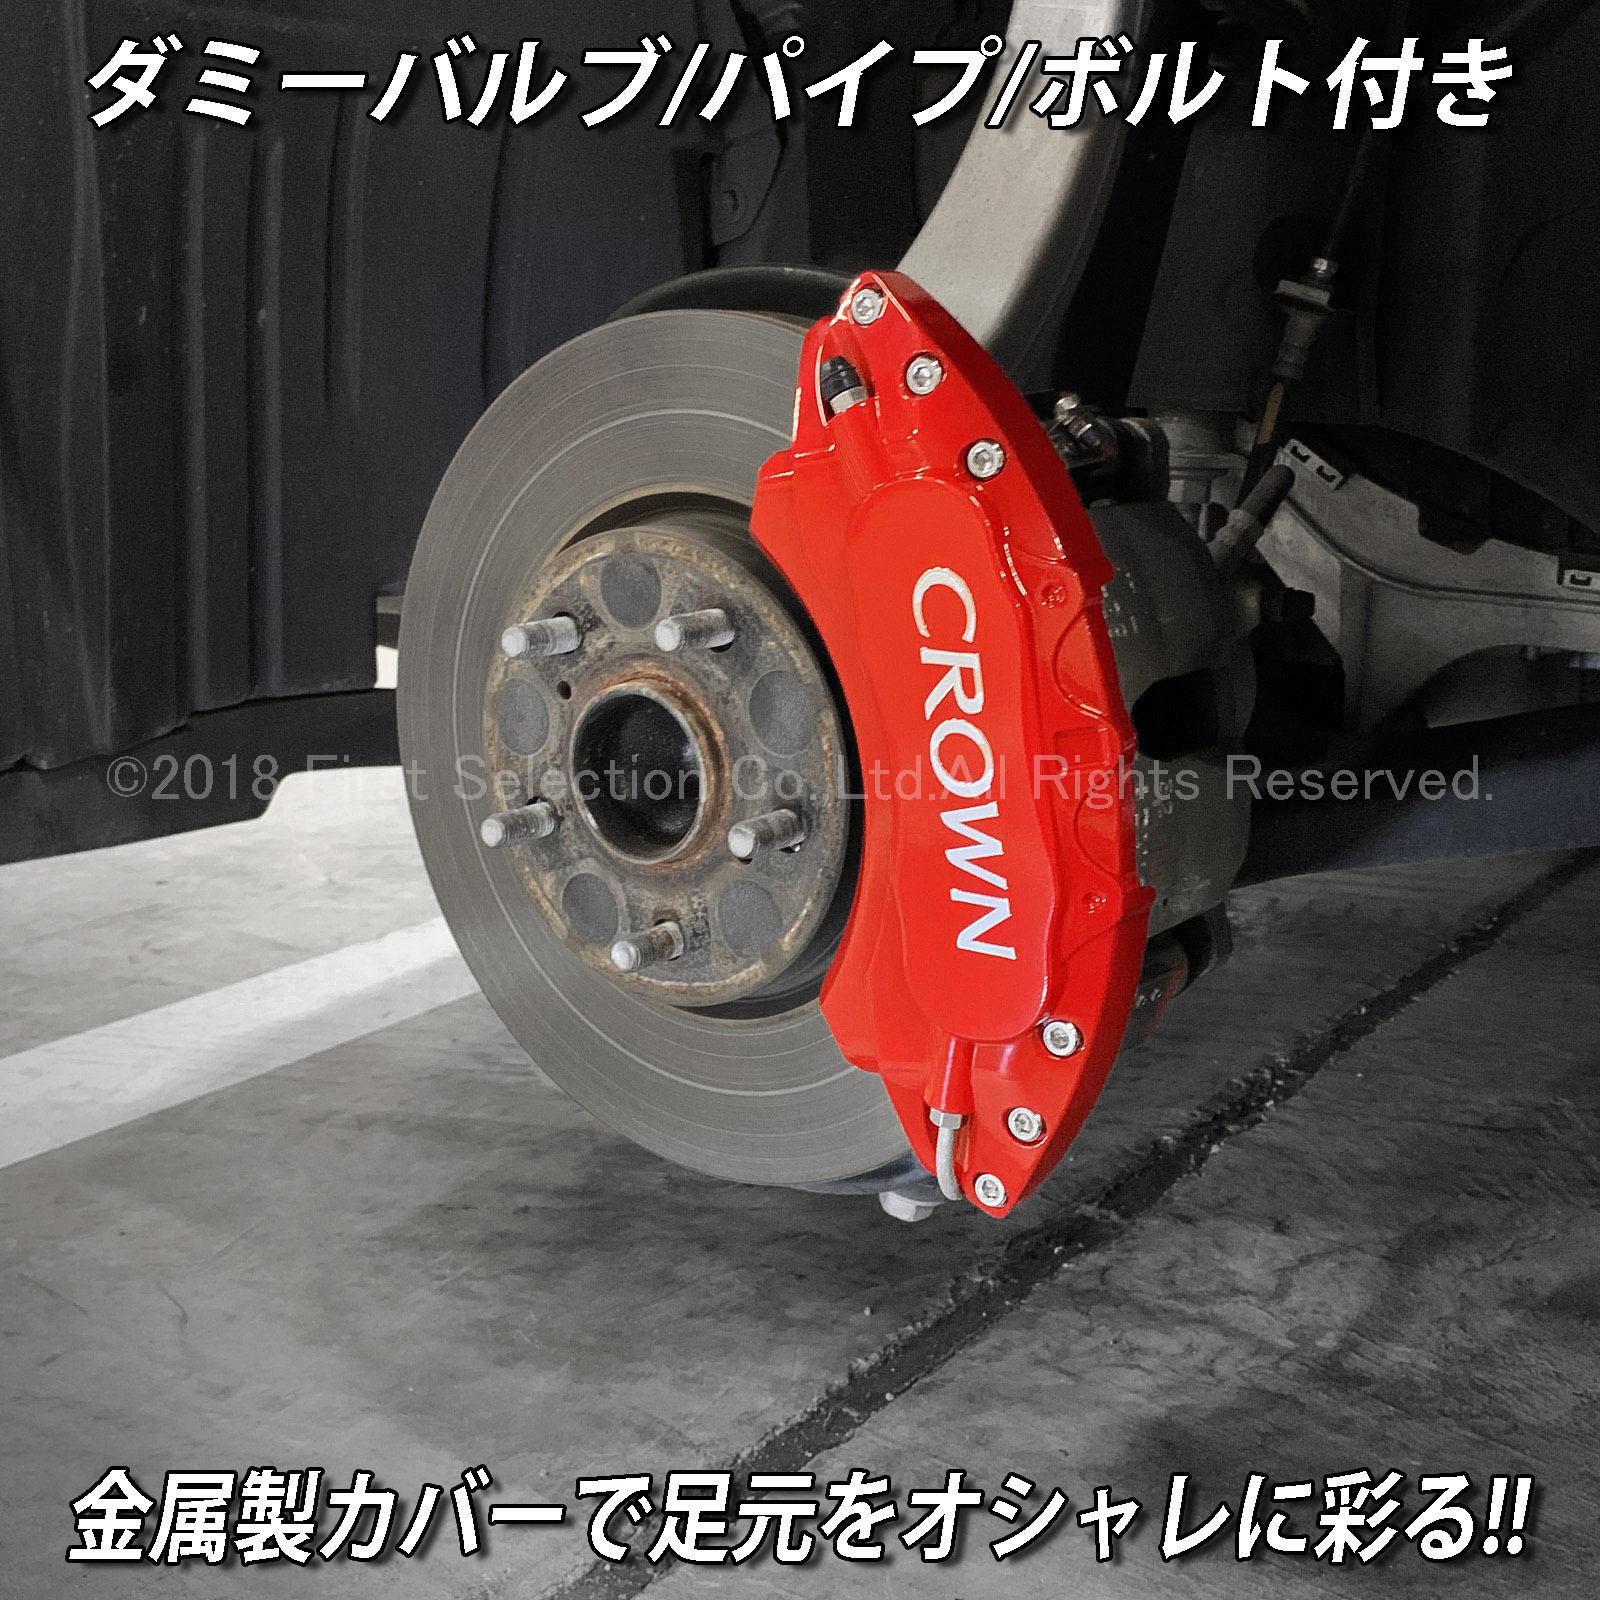 トヨタ車 CROWNロゴ銀文字 クラウン210系用 高耐久金属製キャリパーカバーセット赤 210クラウン AWS210 AWS211 ARS210 GRS210 GRS211 AWS215